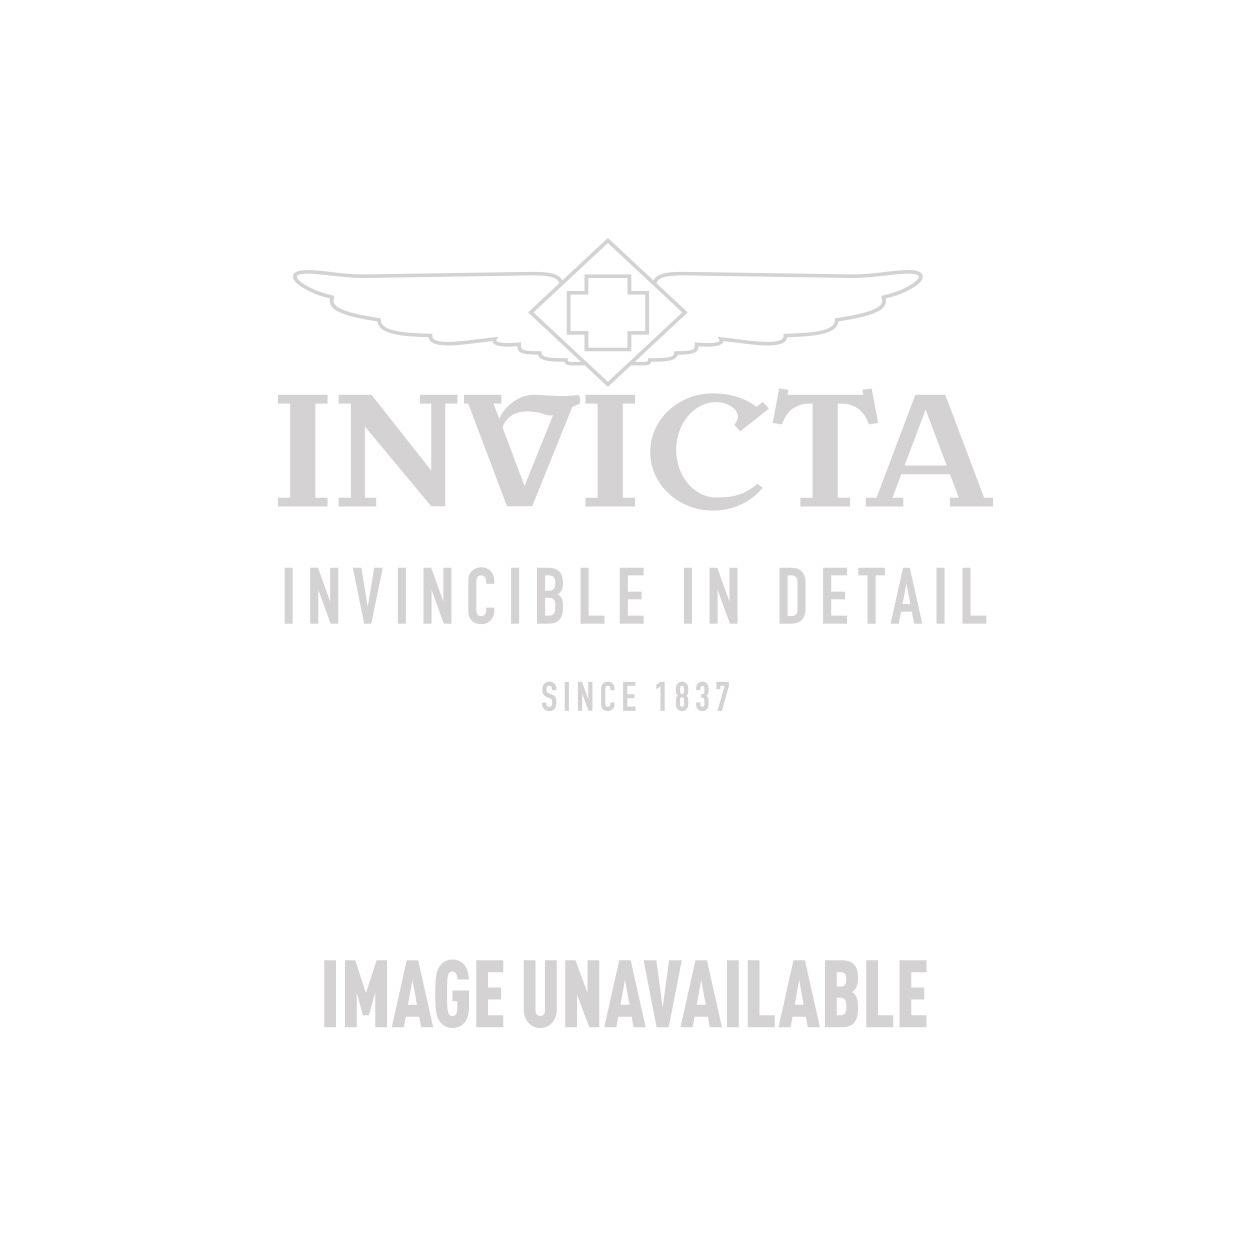 Invicta Model 29379